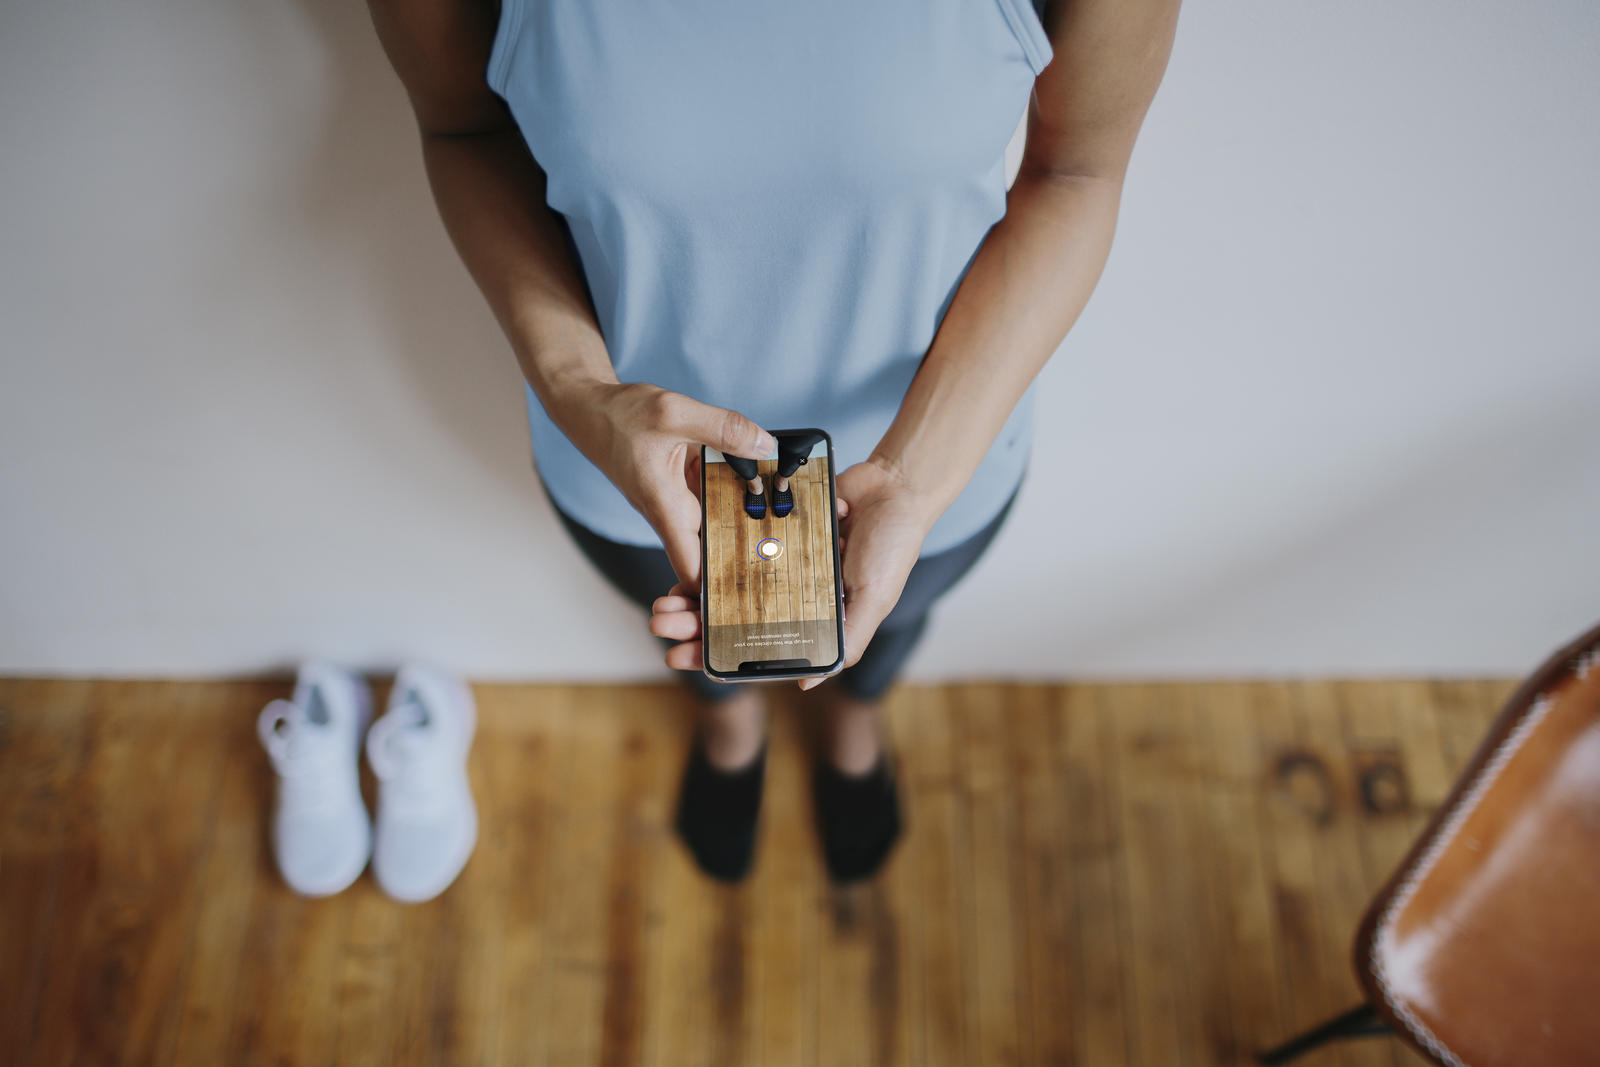 Nikeの公式アプリにARの機能を使い足のサイズが測れる新機能『Nike Fit』が登場